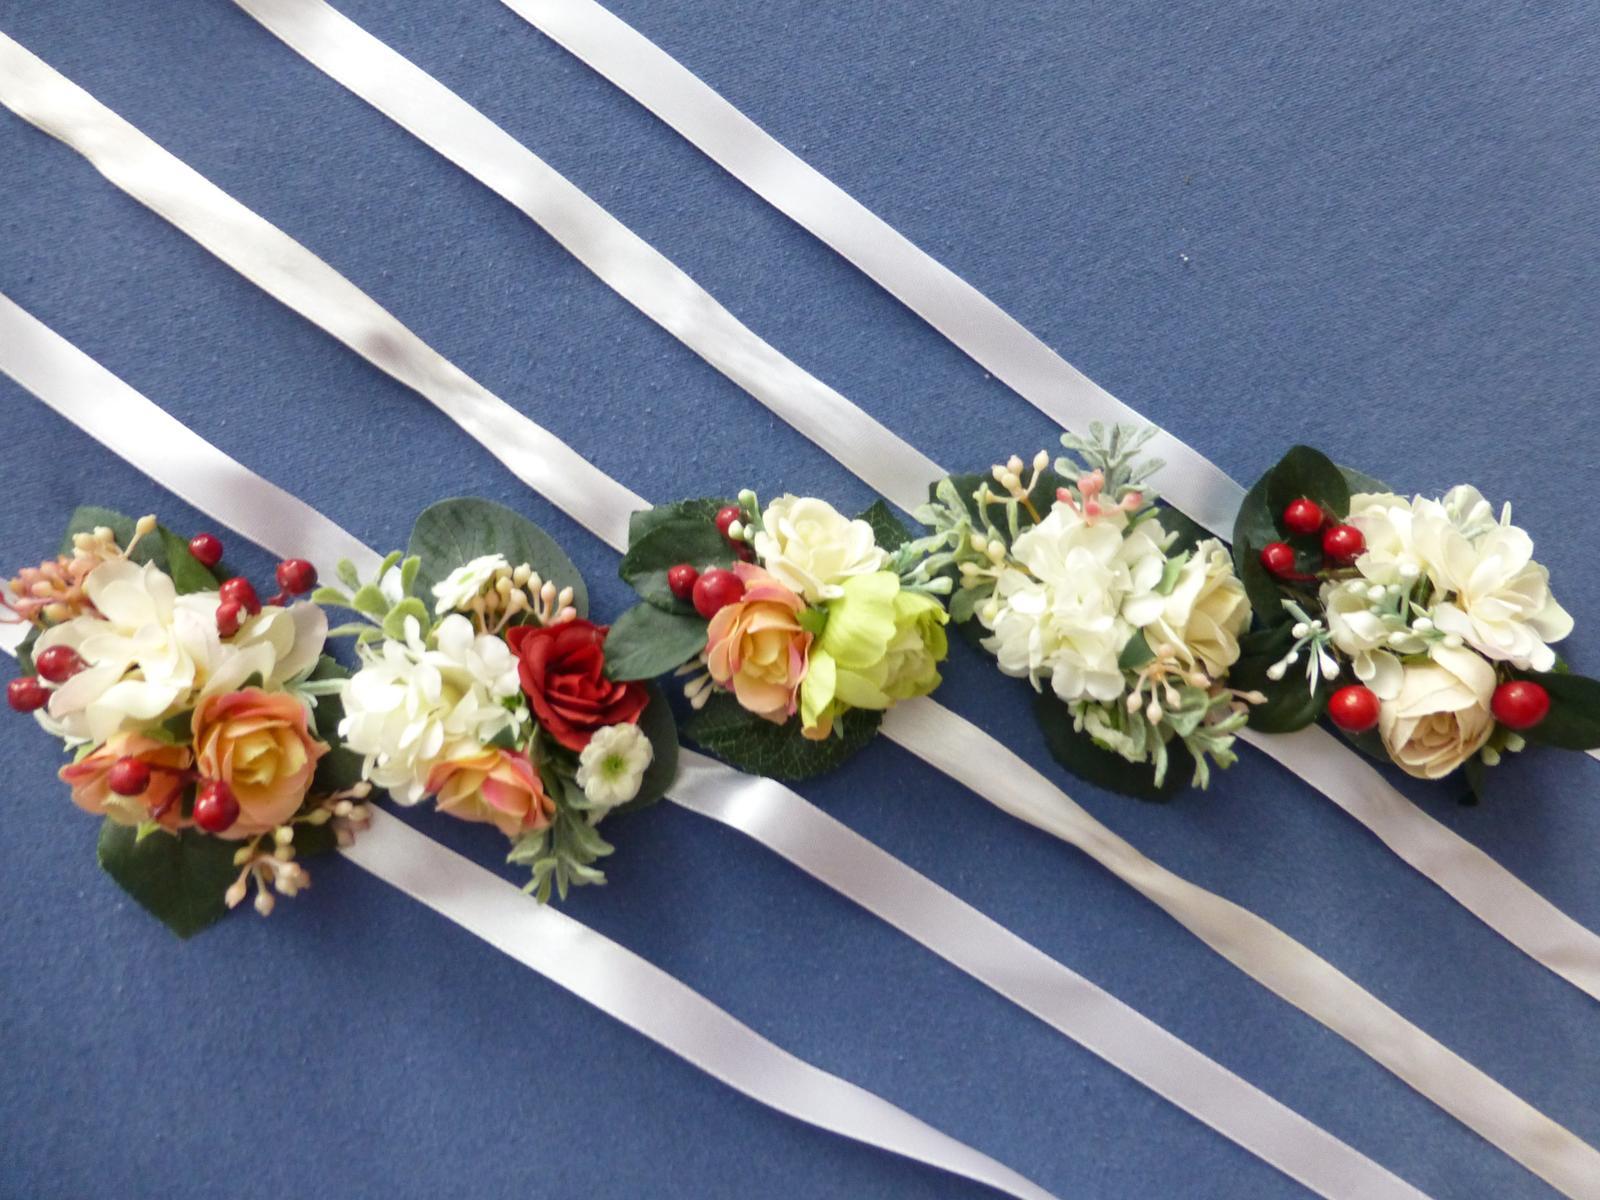 Květinové náramky pro družičky - Obrázek č. 1